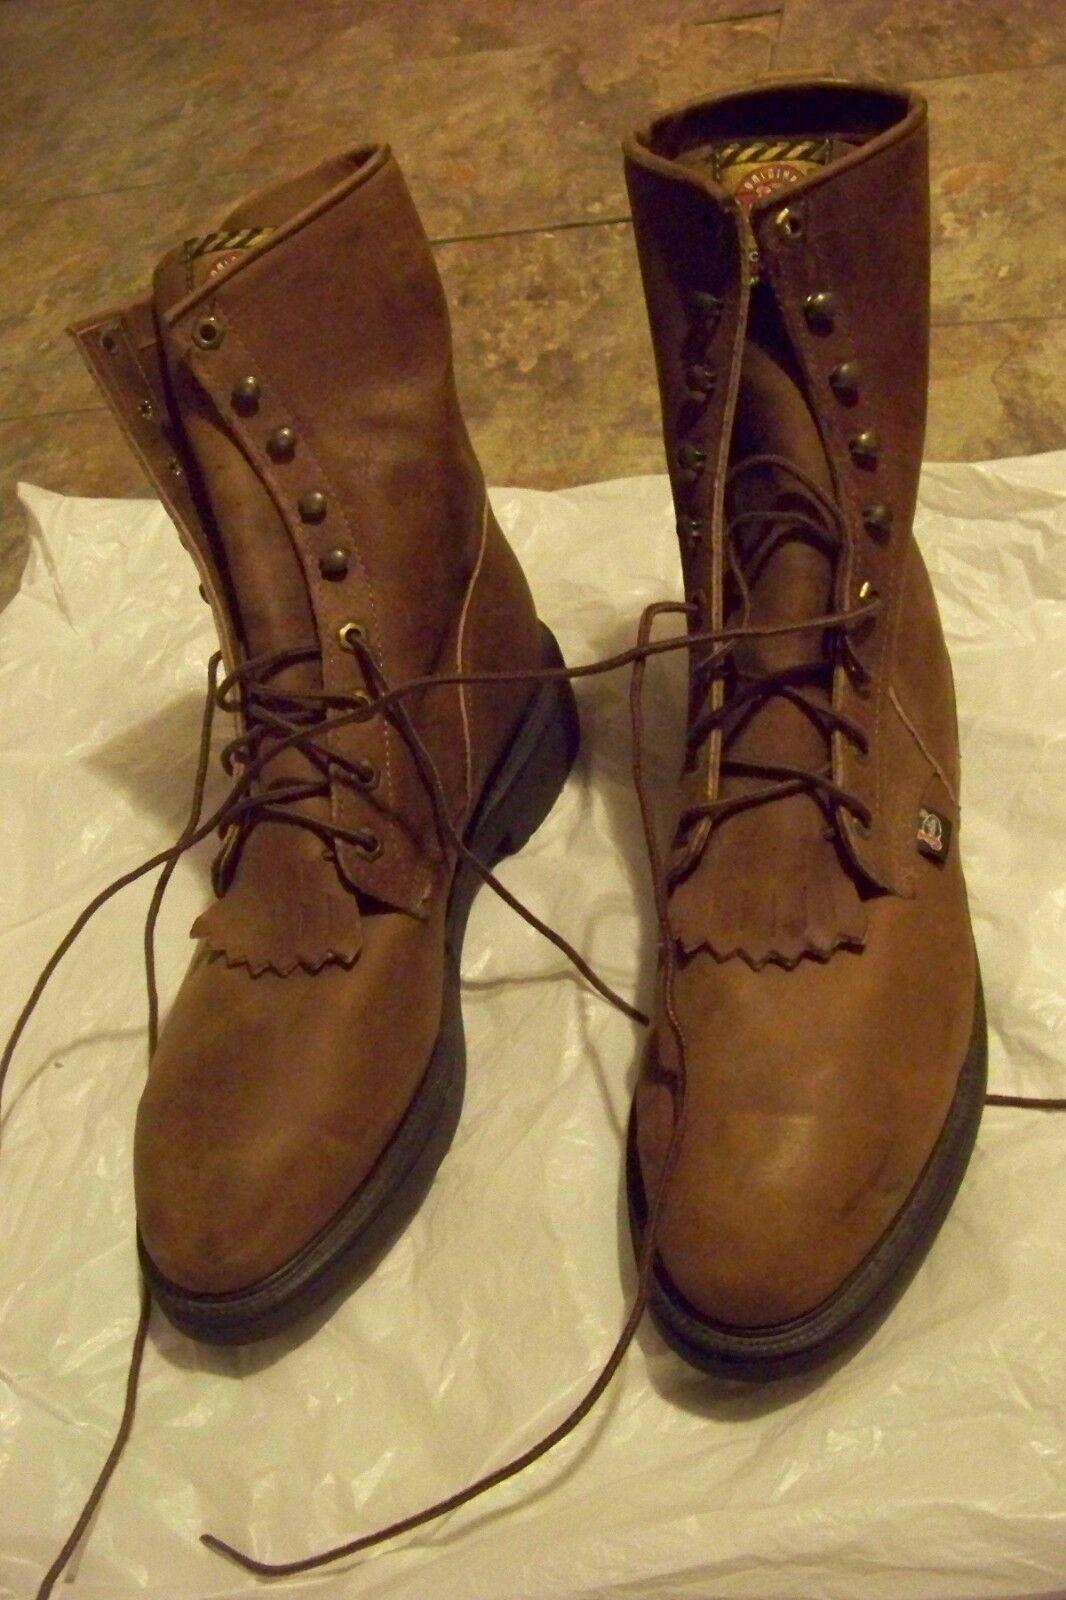 Para hombres Cuero Marrón Junstin Borla botas De Trabajo  2